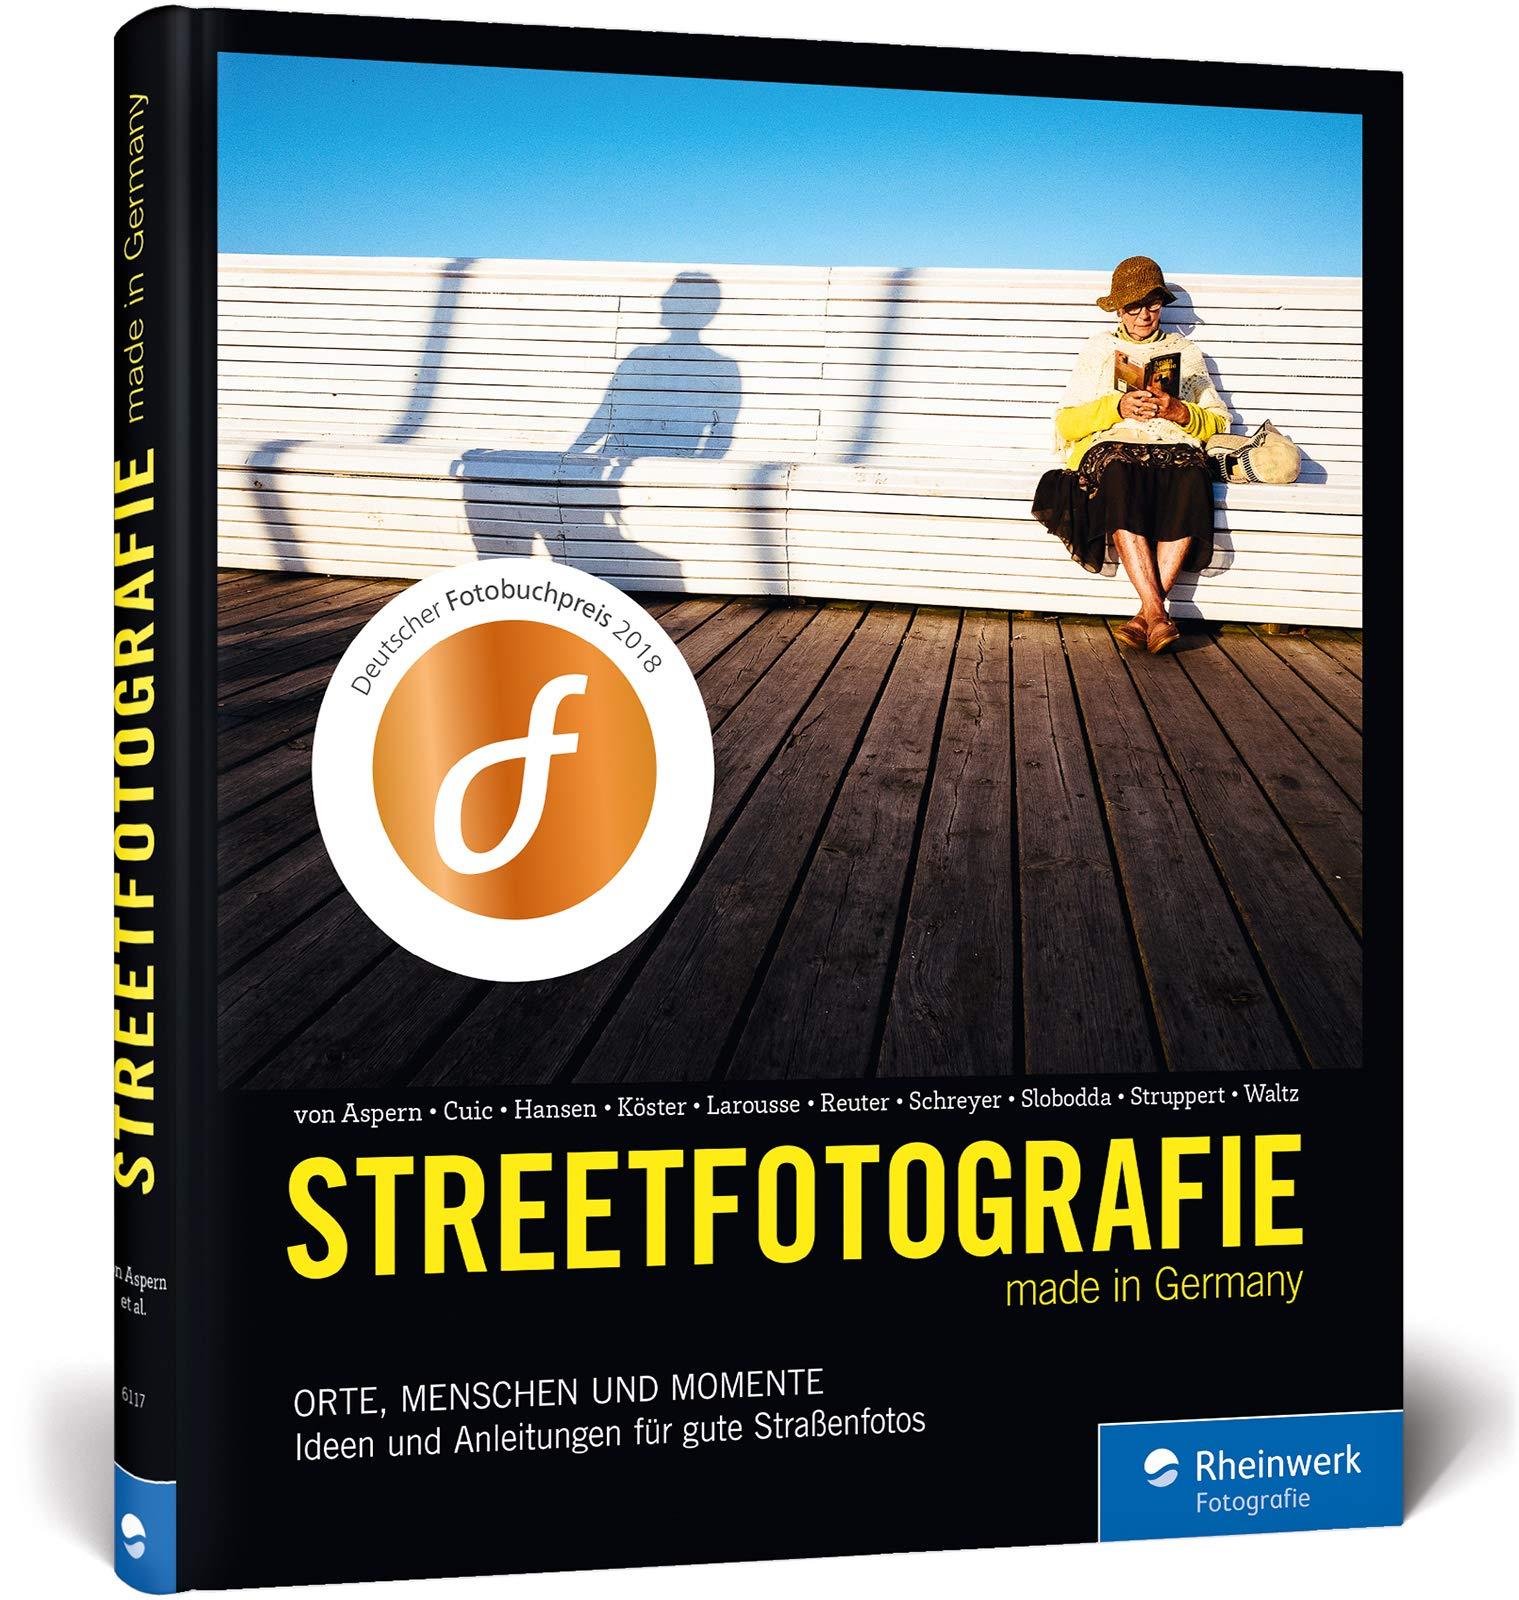 Streetfotografie: Orte, Menschen und Momente - Ideen und Anleitungen für gute Straßenfotos